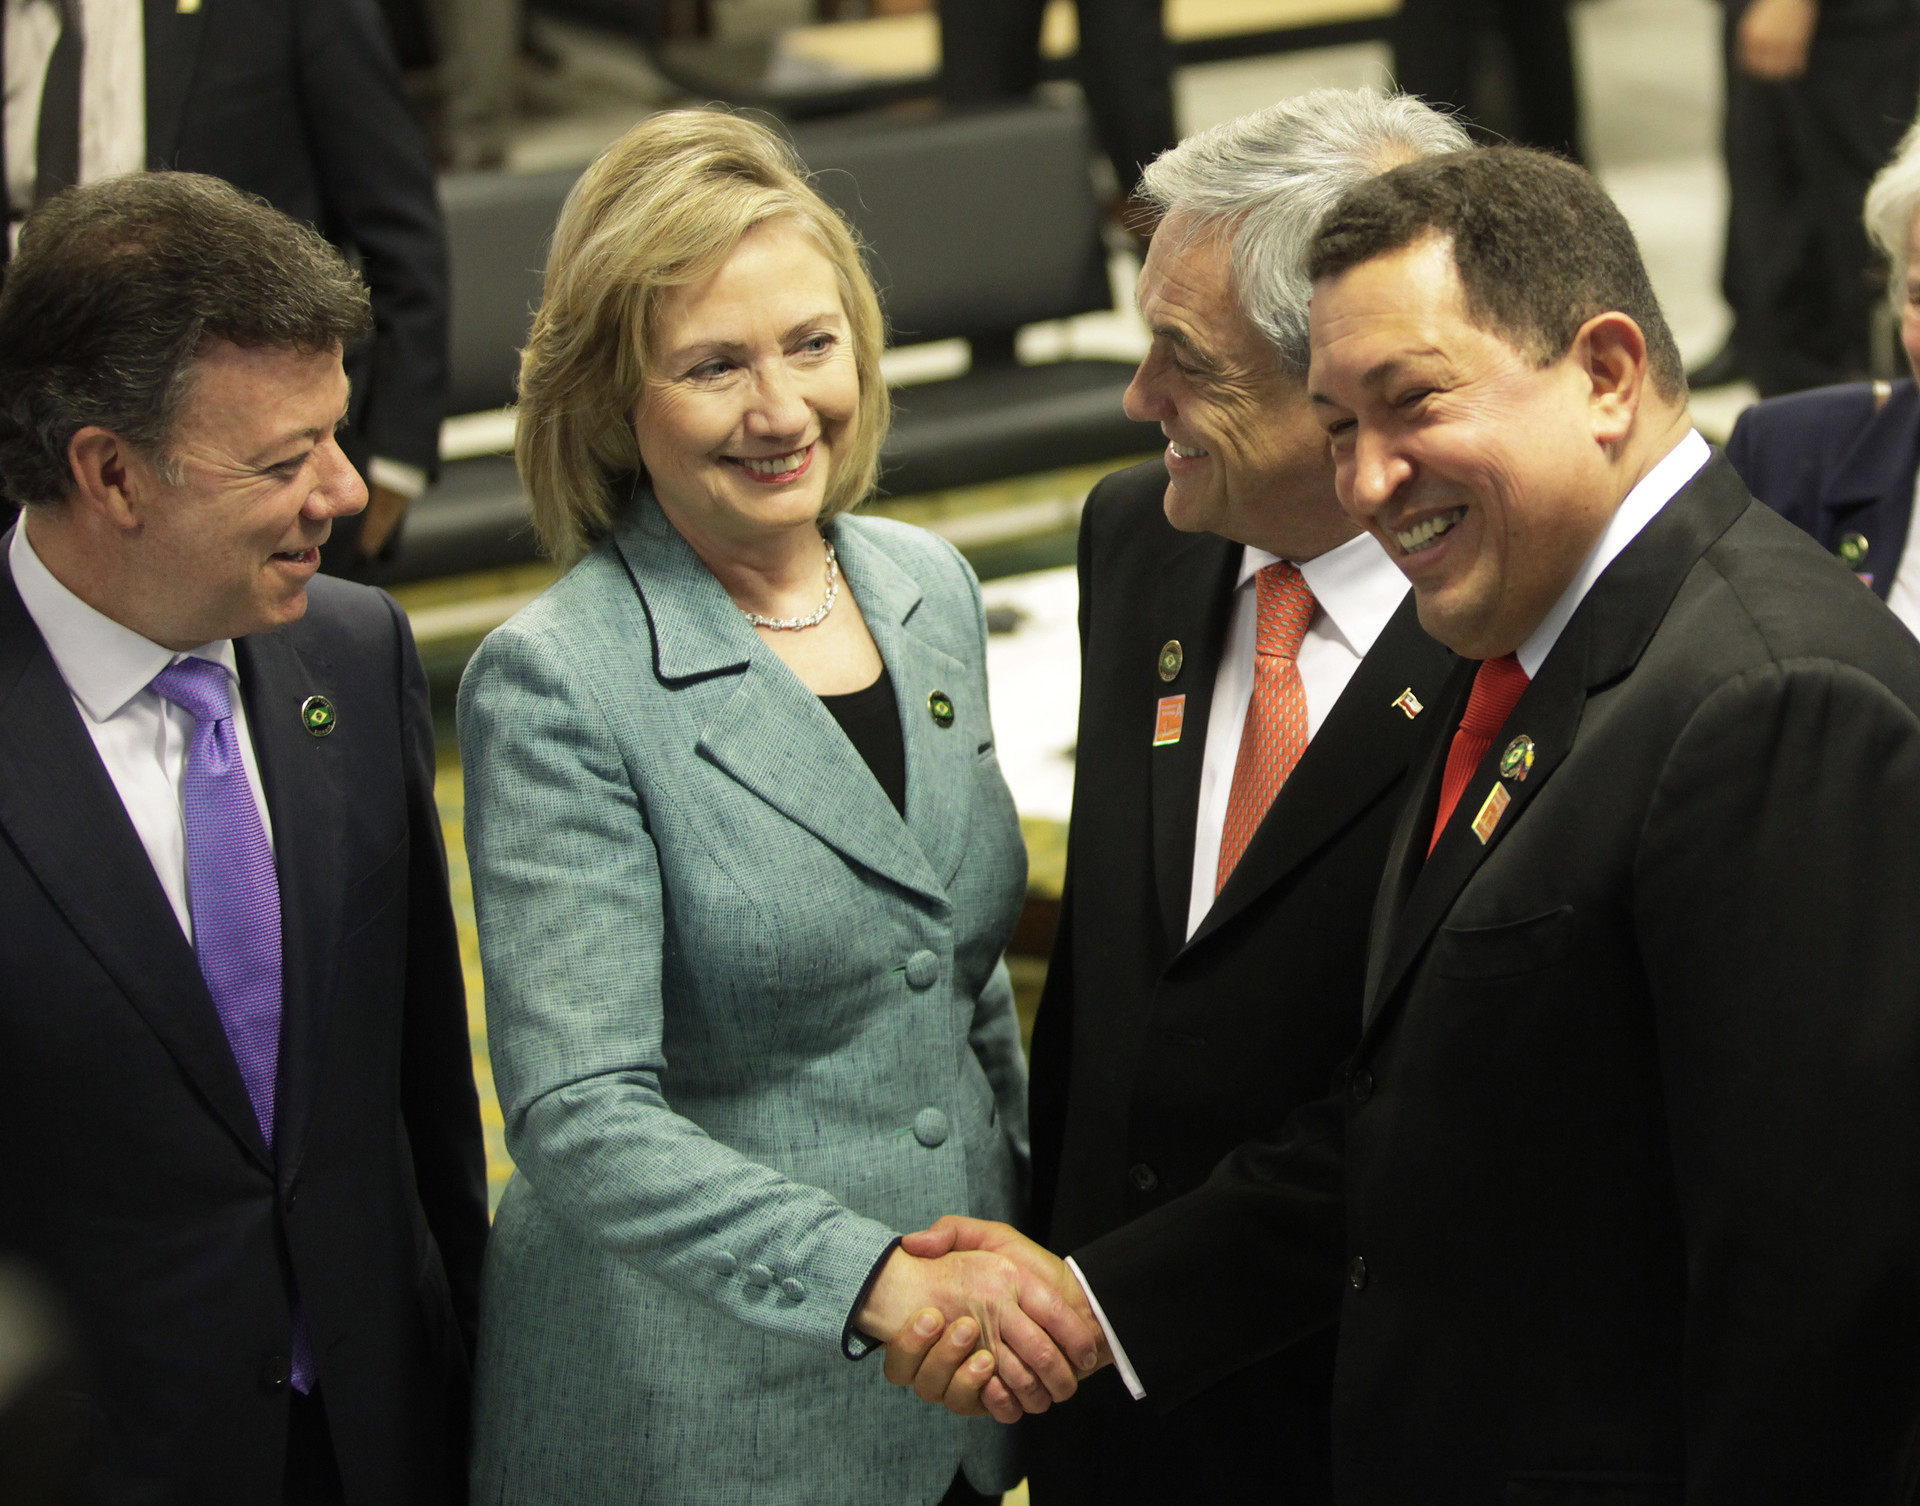 Apretón de manos de la exsecretaria de Estado de EE.UU. Hillary Clinton y el expresidente venezolano Hugo Chávez, durante una recepción de la exmandataria de Brasil Dilma Rousseff en el Palacio de Planalto en Brasilia, el 1 de enero de 2011.